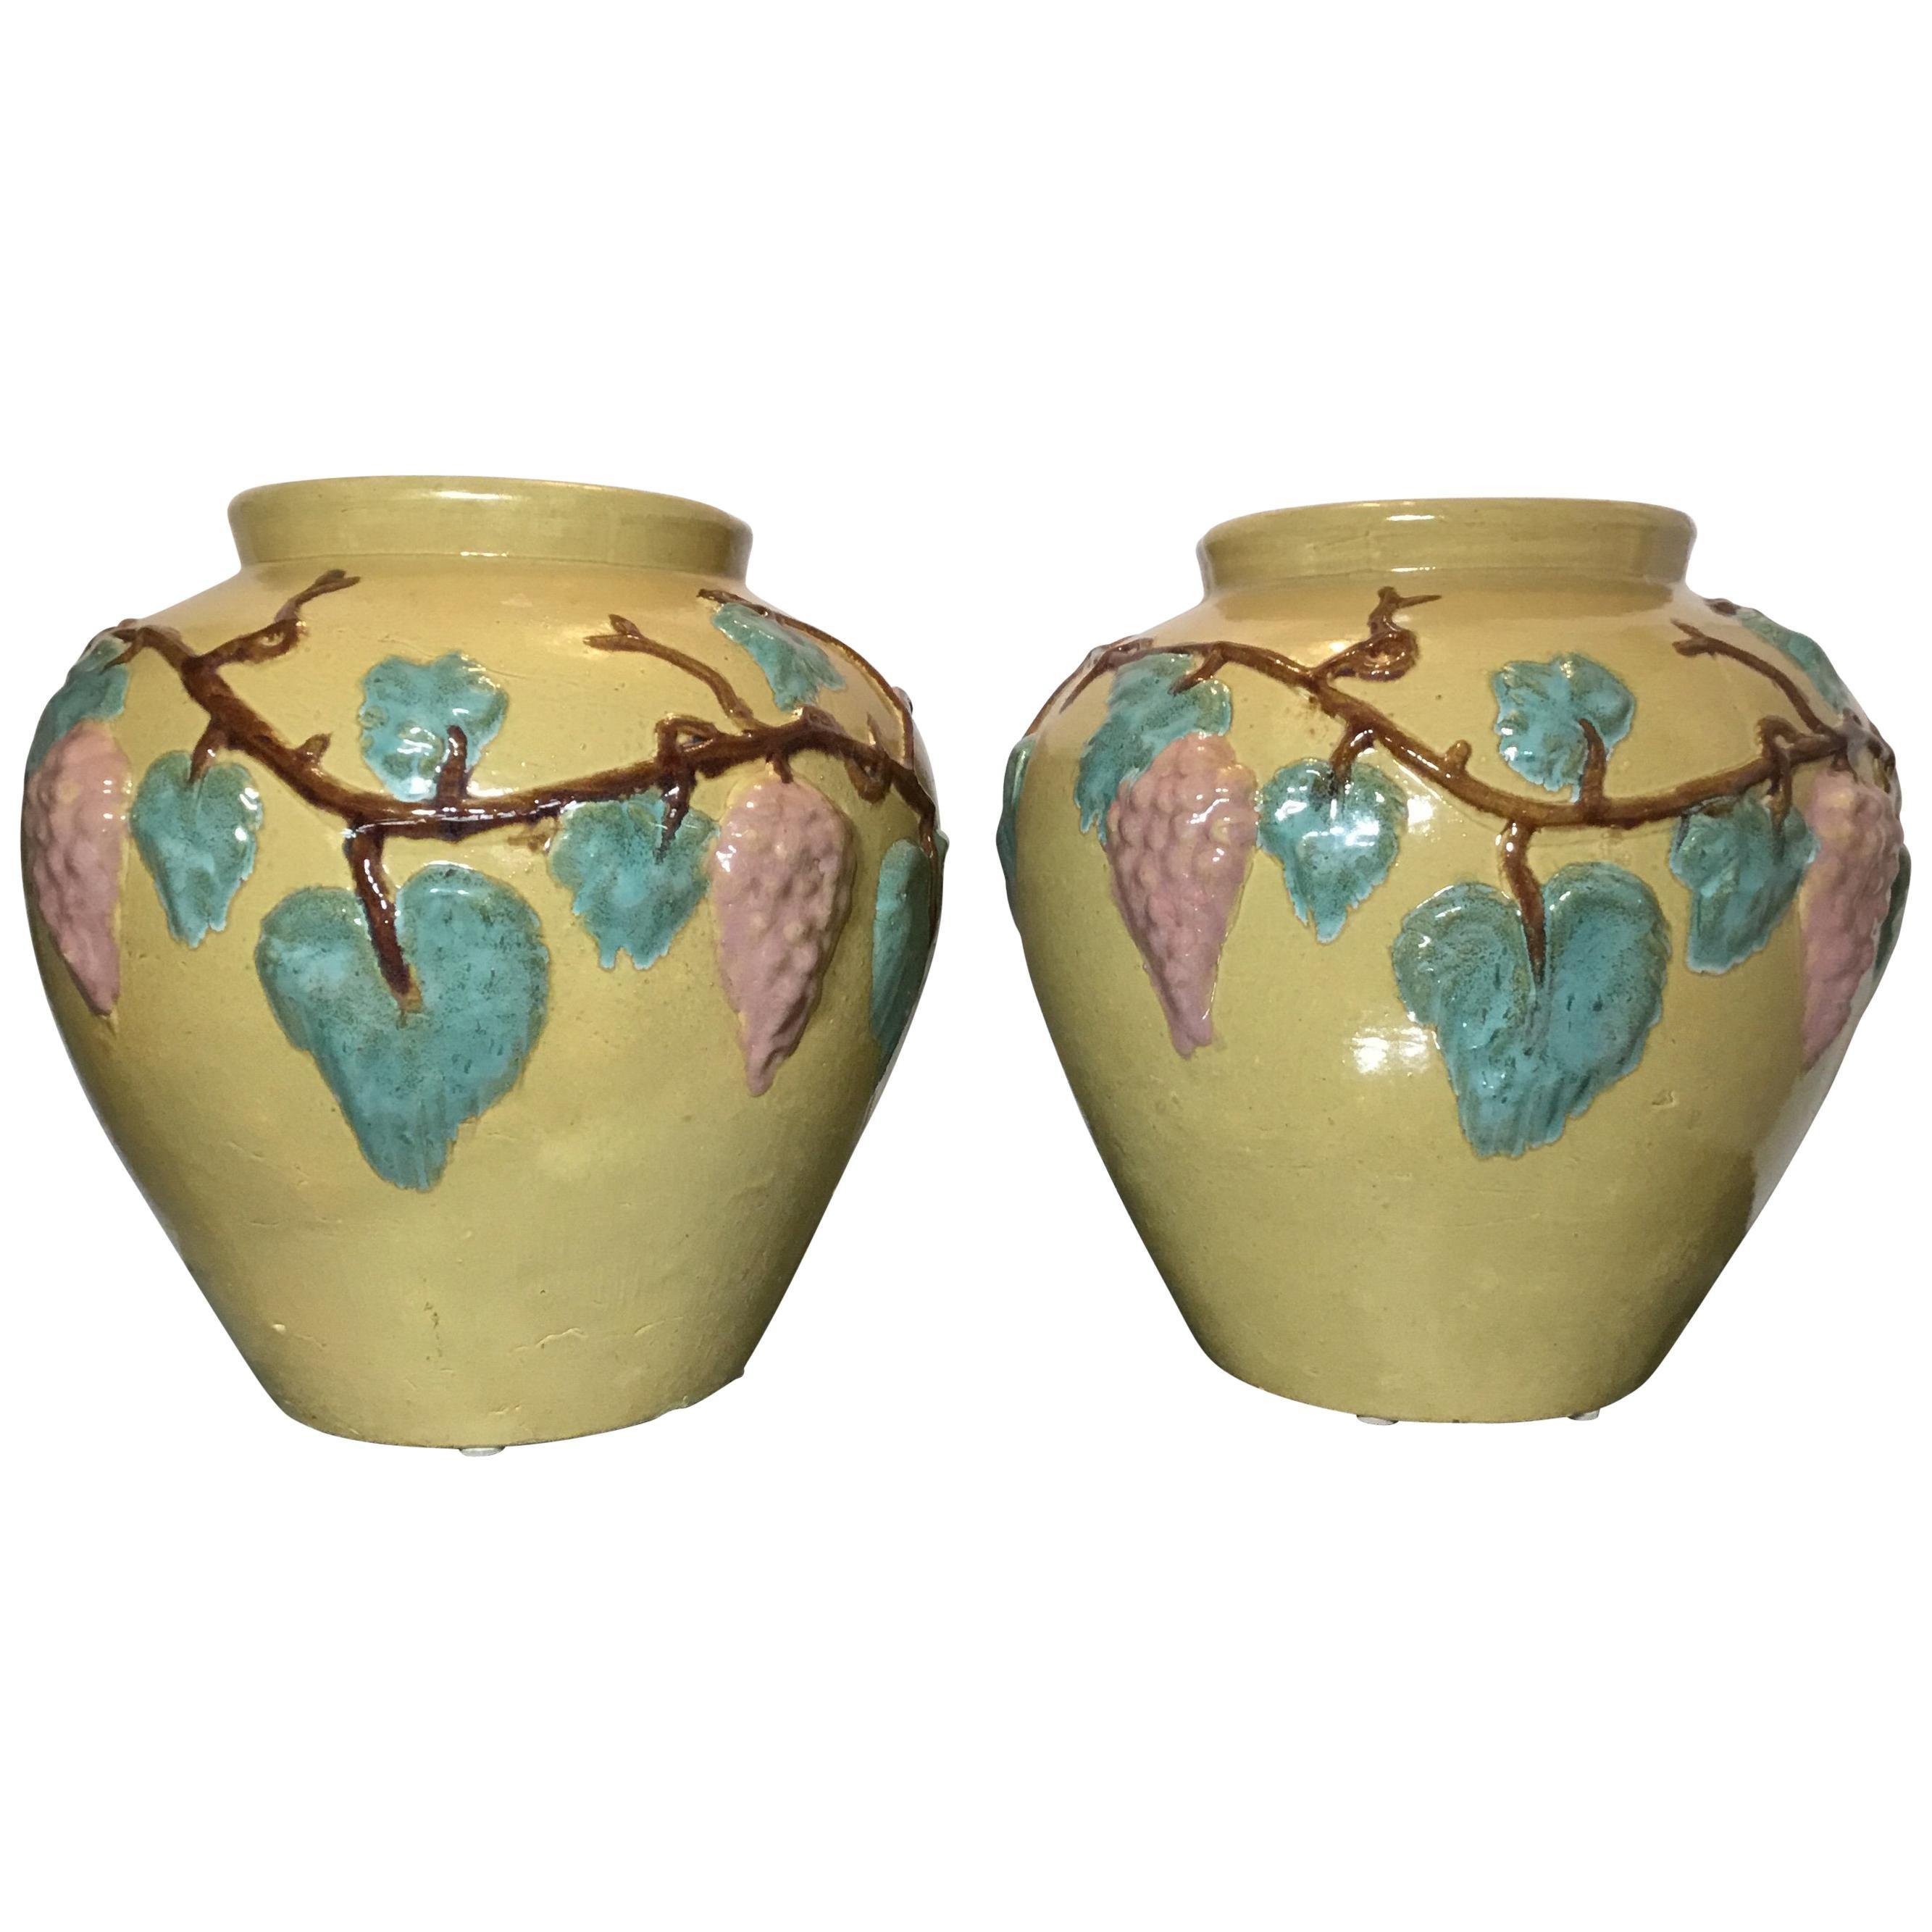 Pair of Vintage Ceramic Vases or Planters